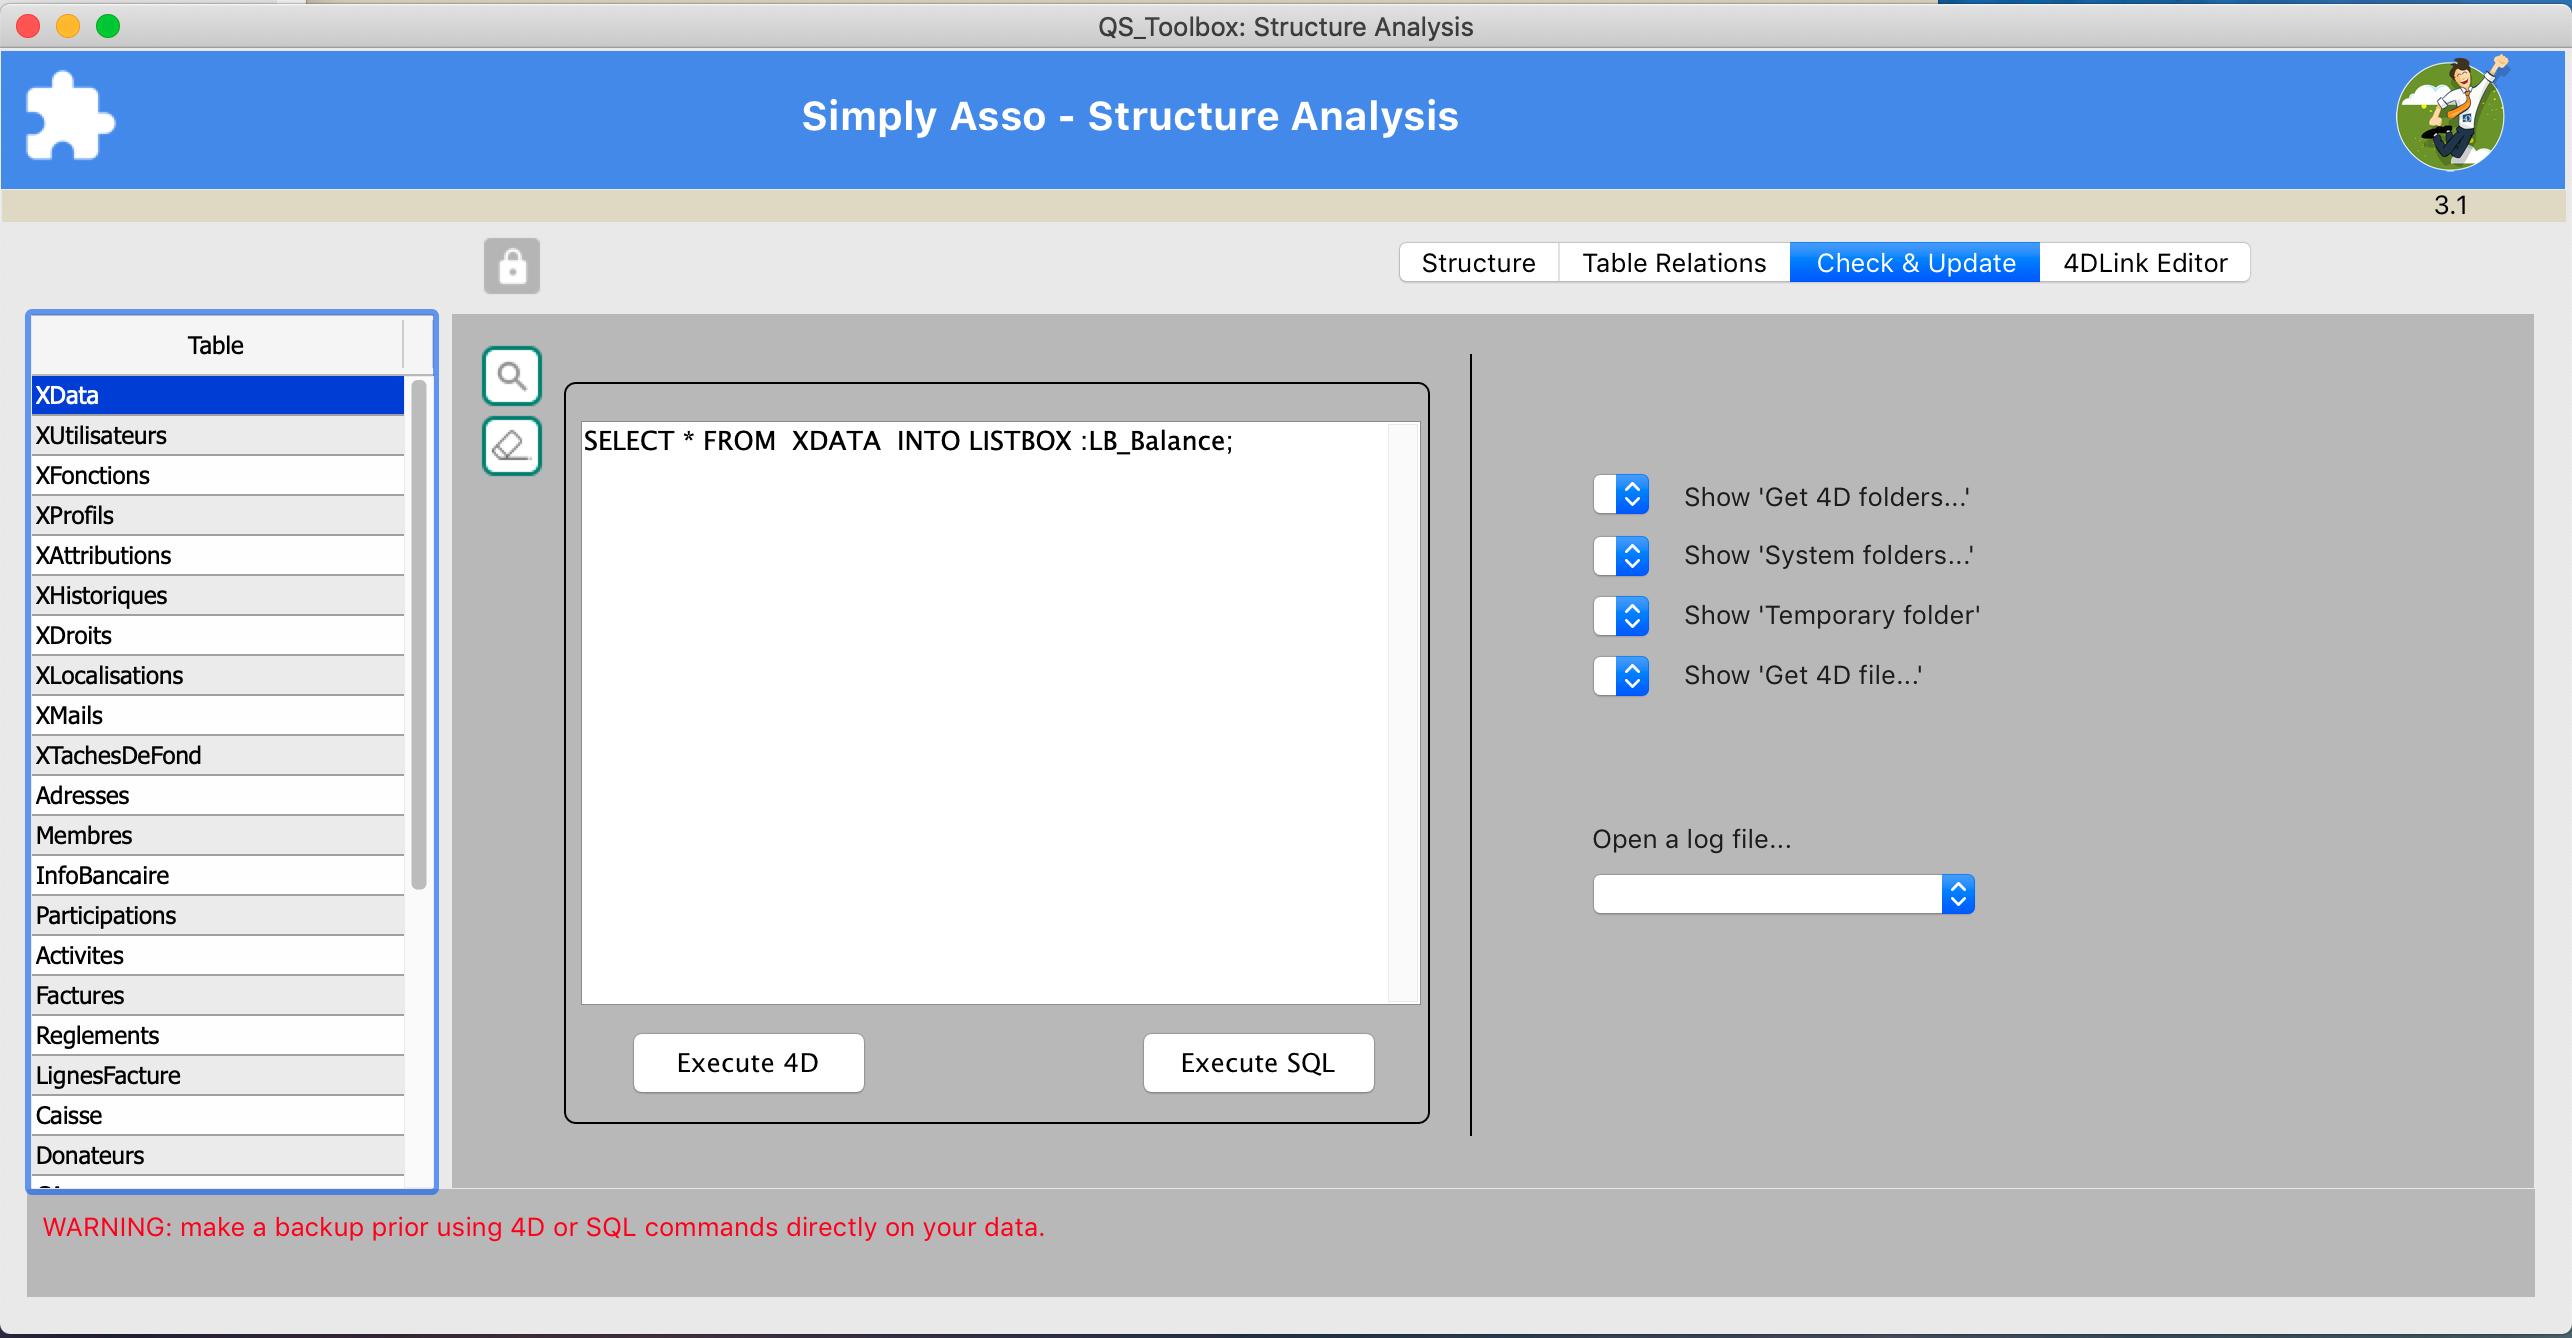 QST_StructureAnalysis4